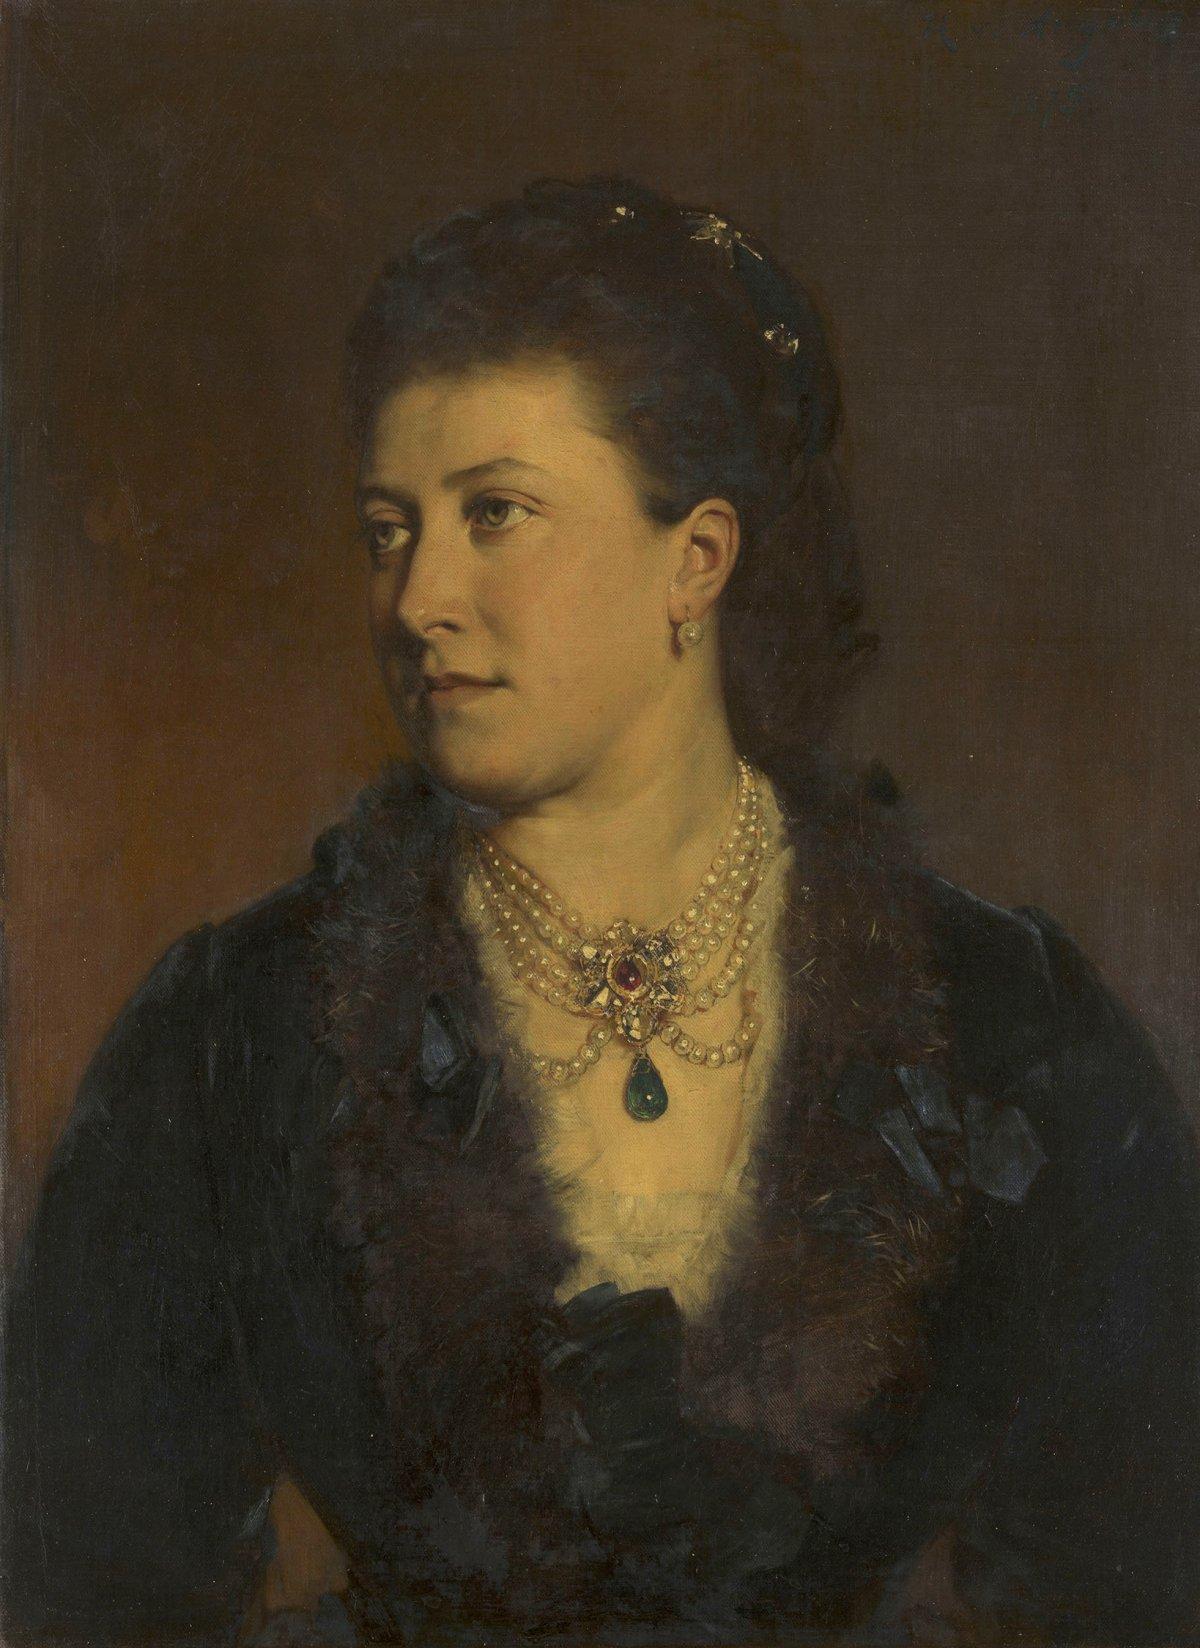 Princess Helena, Princess Christian of Schleswig-Holstein by Heinrich von Angeli, 1875